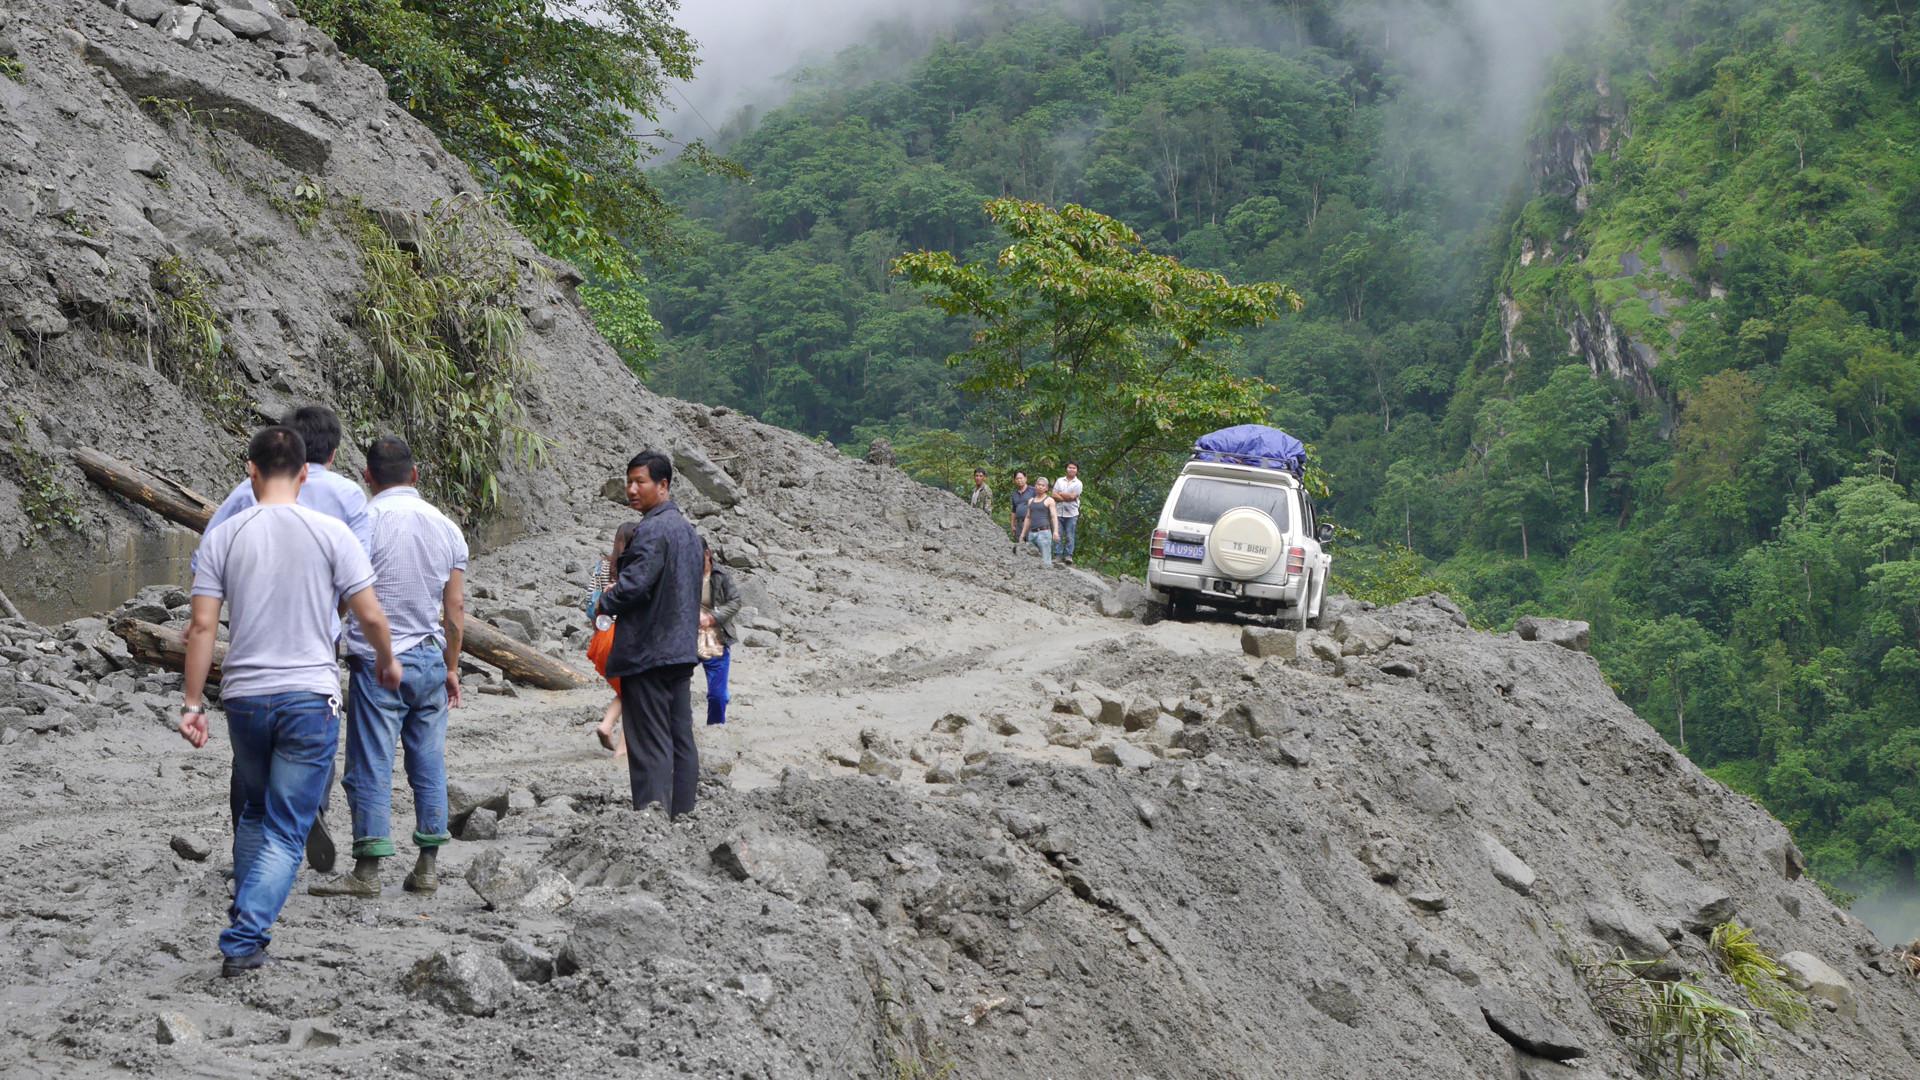 中国最危险的公路,数百名建筑工人为此牺牲,通车第二天就作废